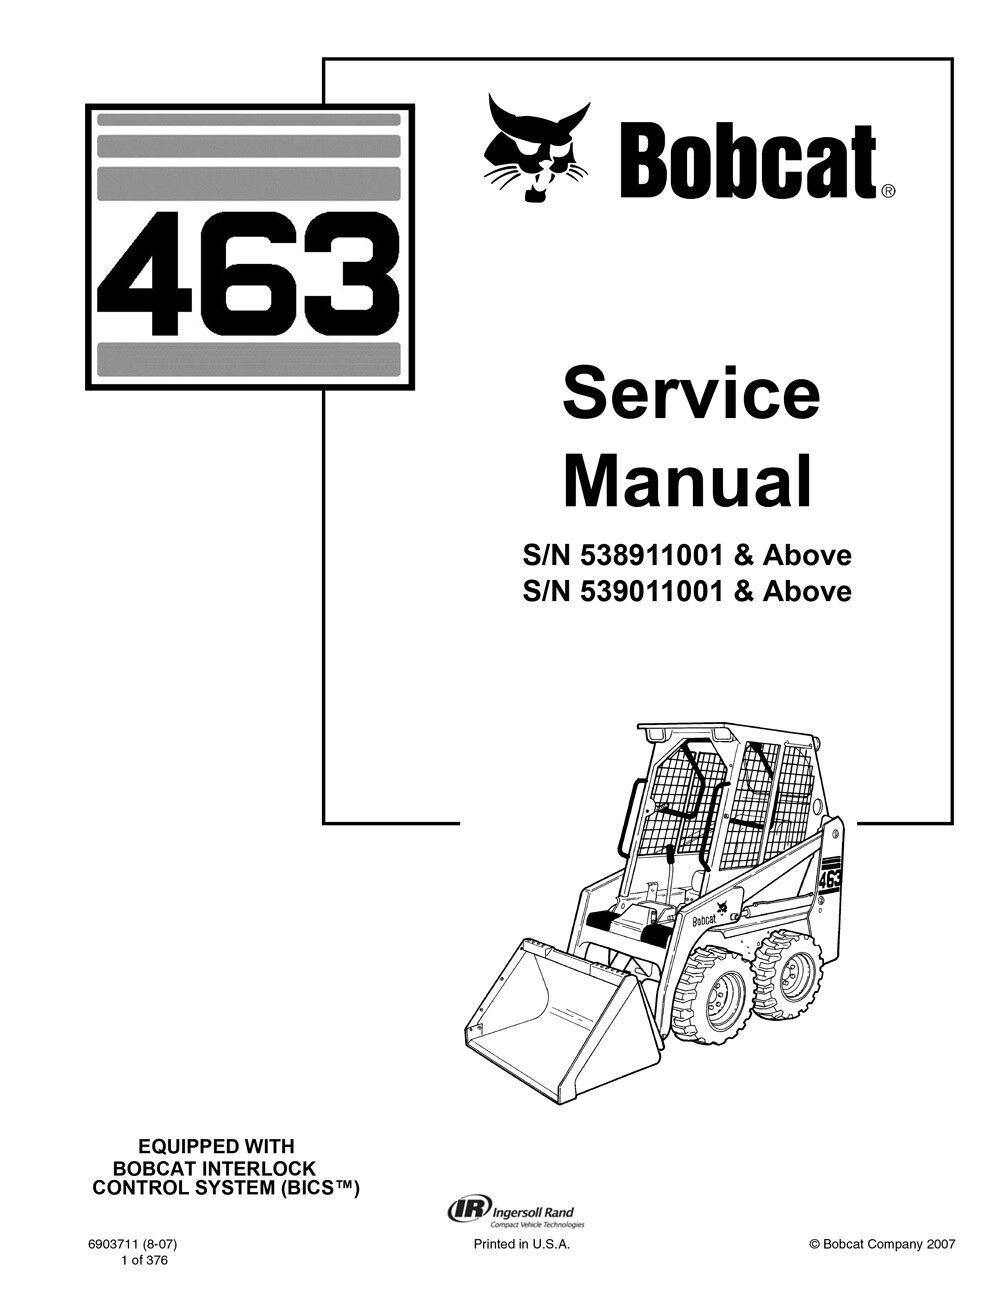 New Bobcat 463 Skid Steer Loader 2007 Edition Repair